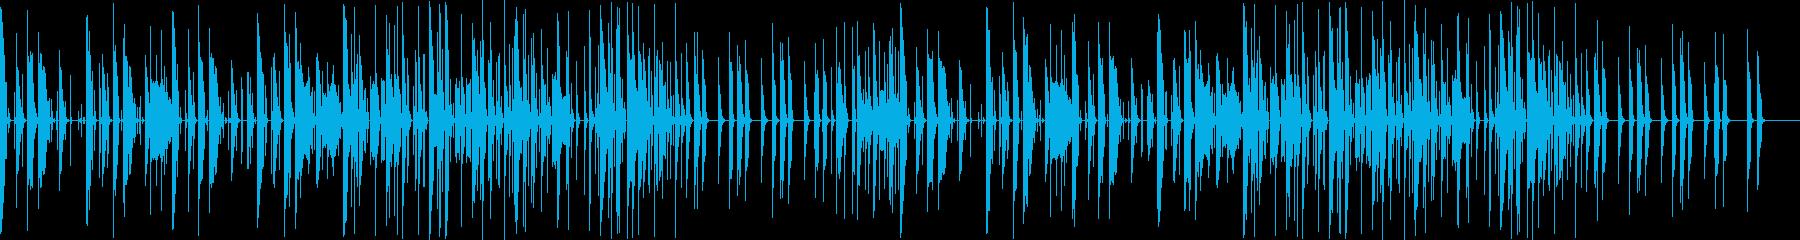 コミカル調の可愛いポップスの再生済みの波形